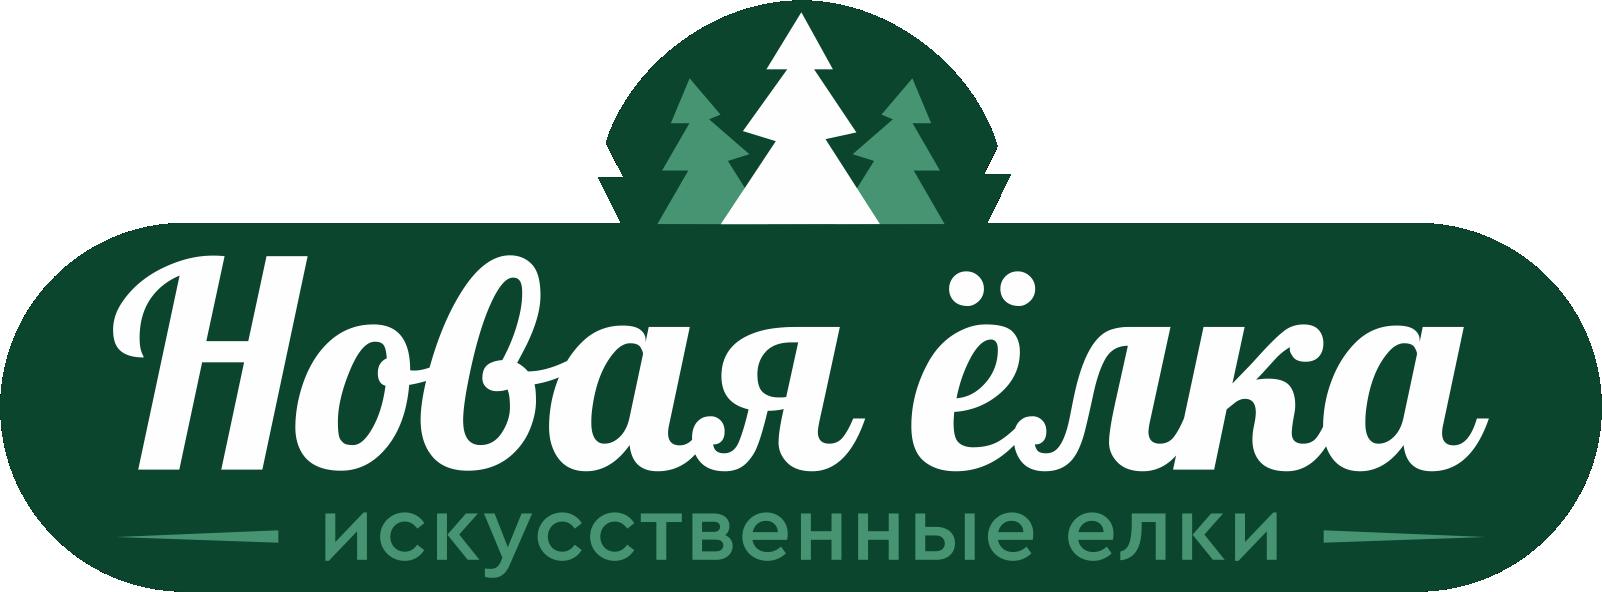 Индивидуальный предприниматель Михайлевский Евгений Васильевич, ИНН 231515801431